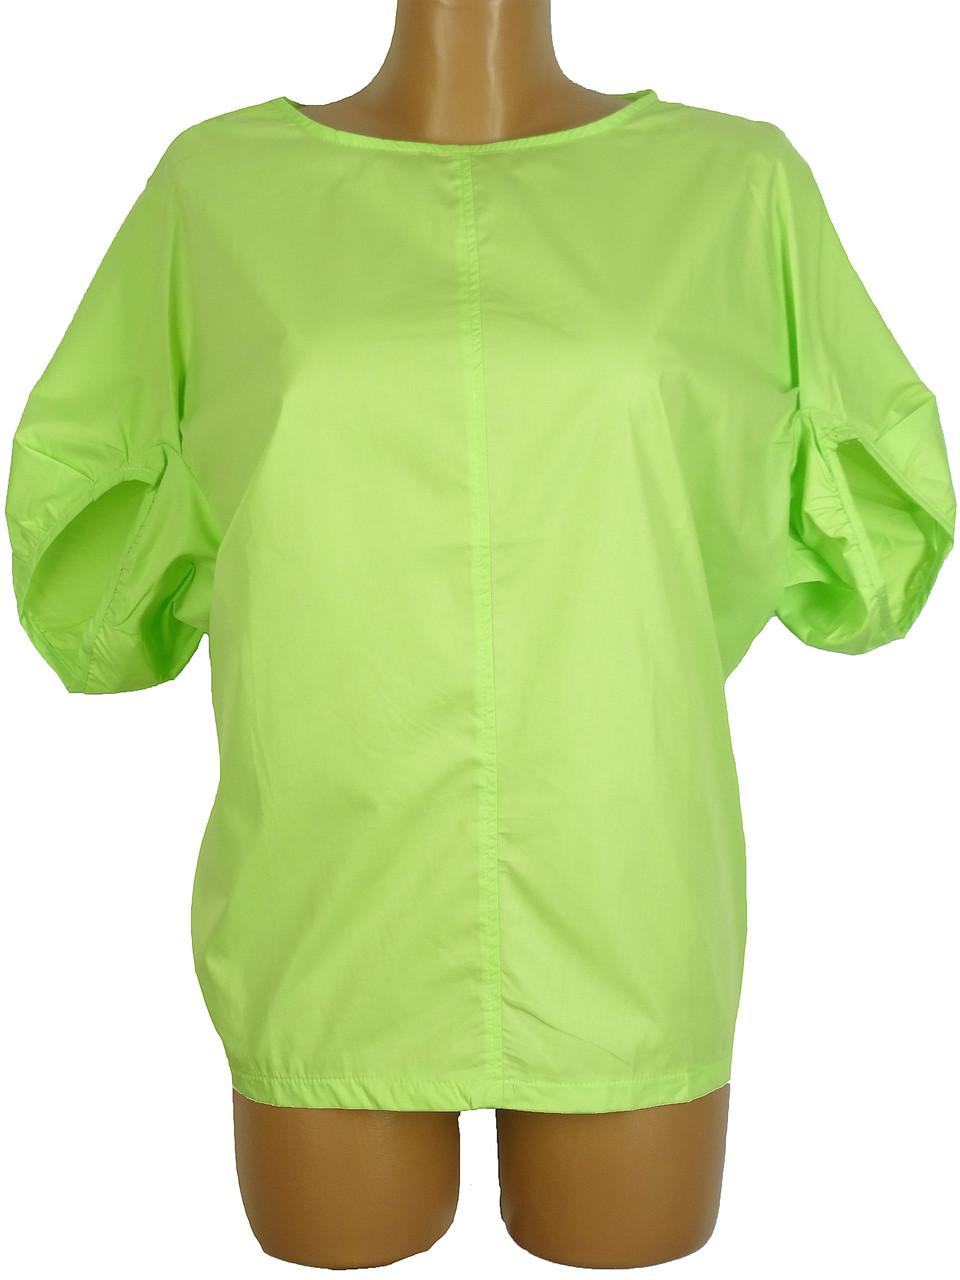 45f098ba315 Свободная женская блузка (в расцветках 44-50) - Женская одежда оптом